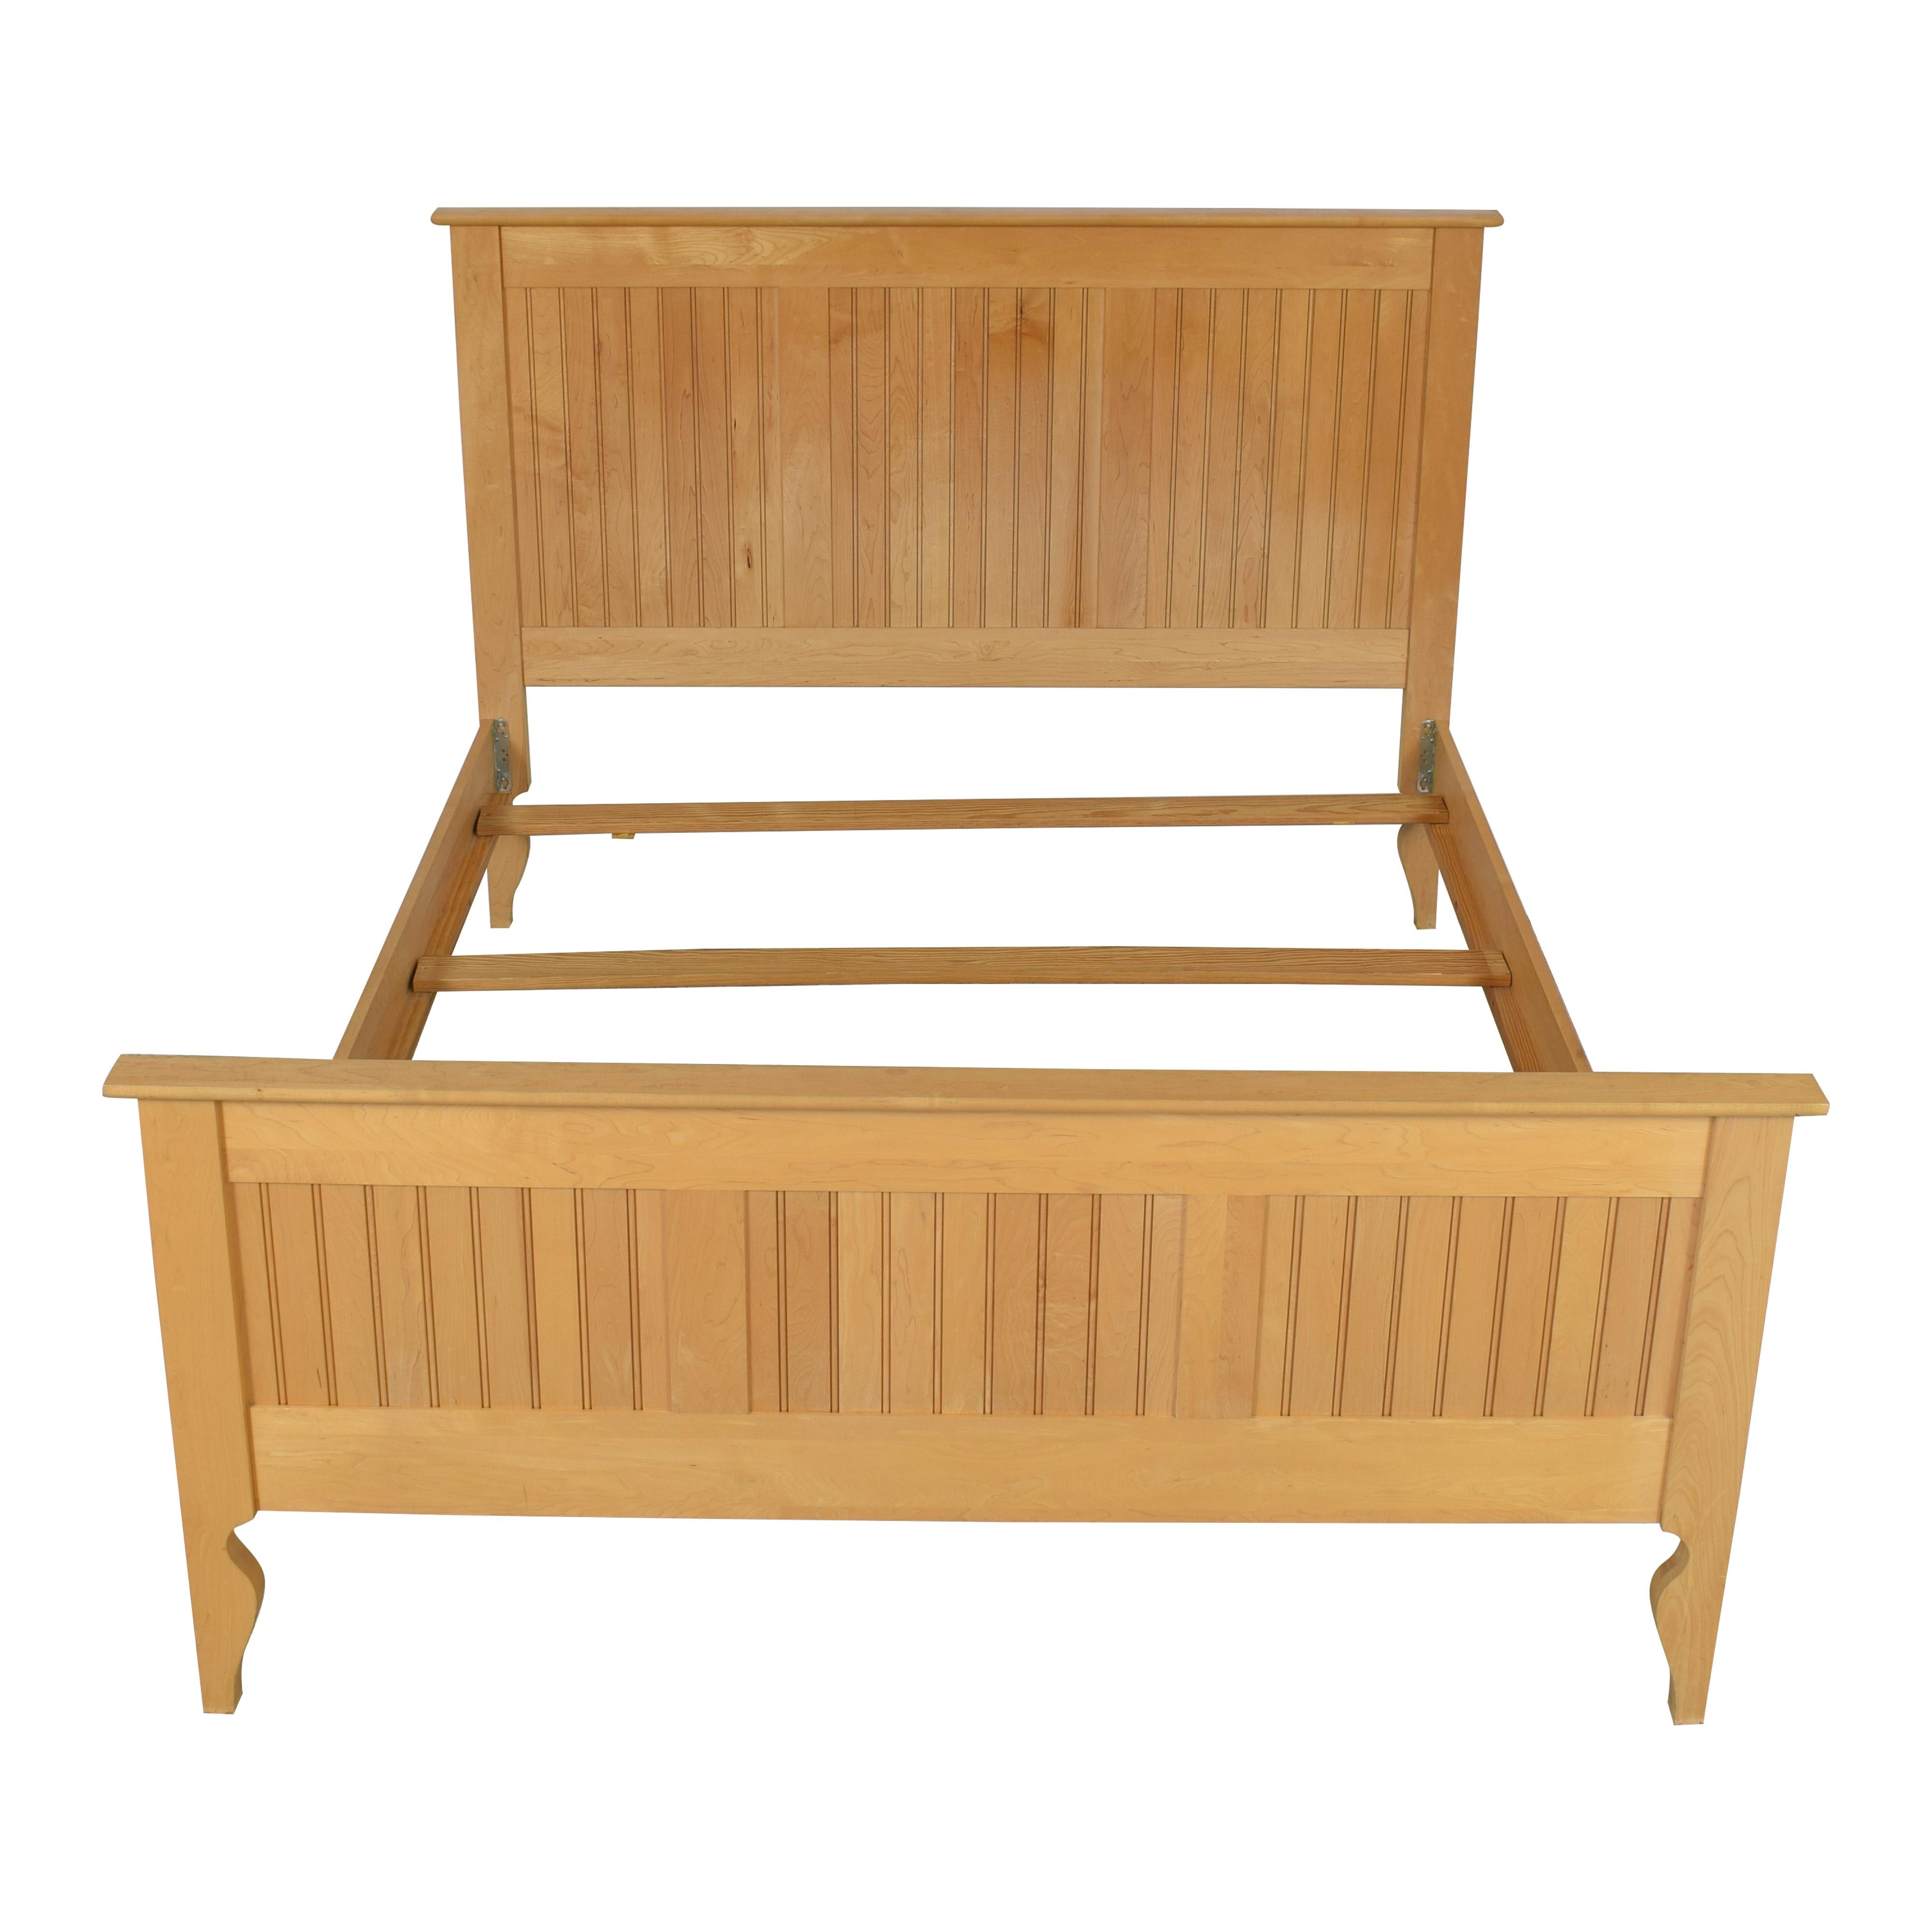 Crate & Barrel Wooden Queen Bed / Beds